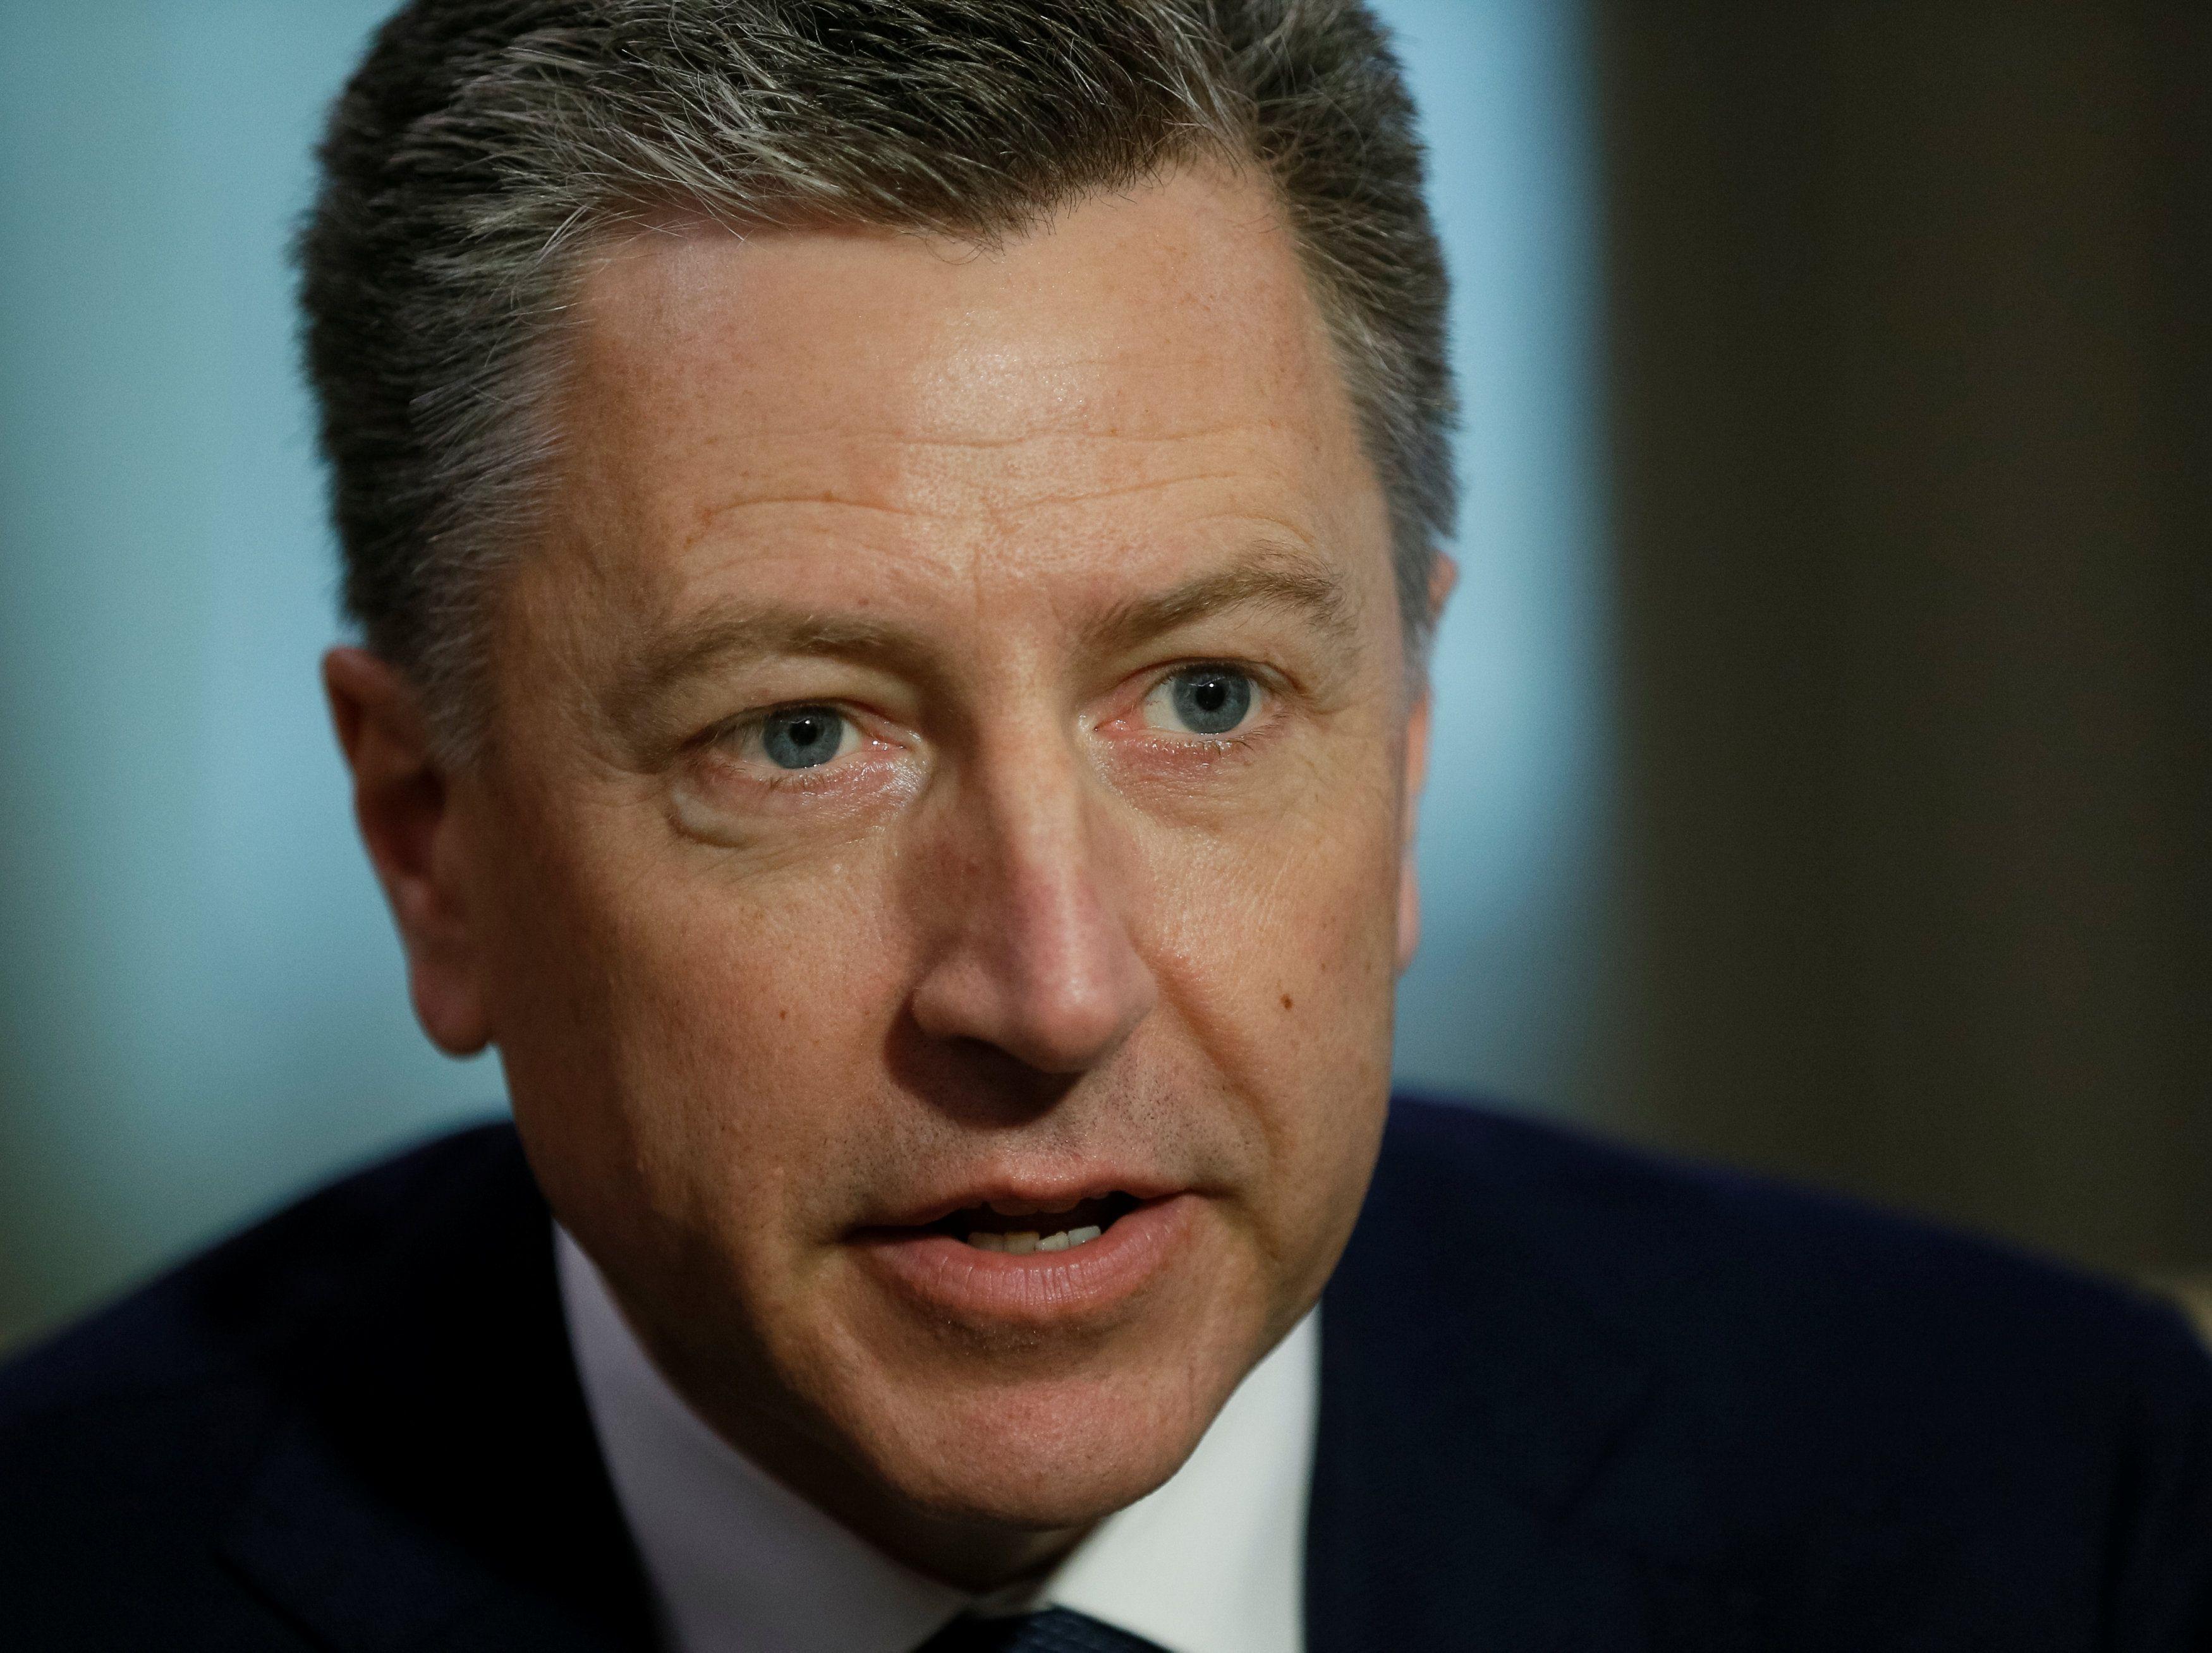 США надеются добиться восстановления территориальной целостности Украины, отметил Курт Волкер